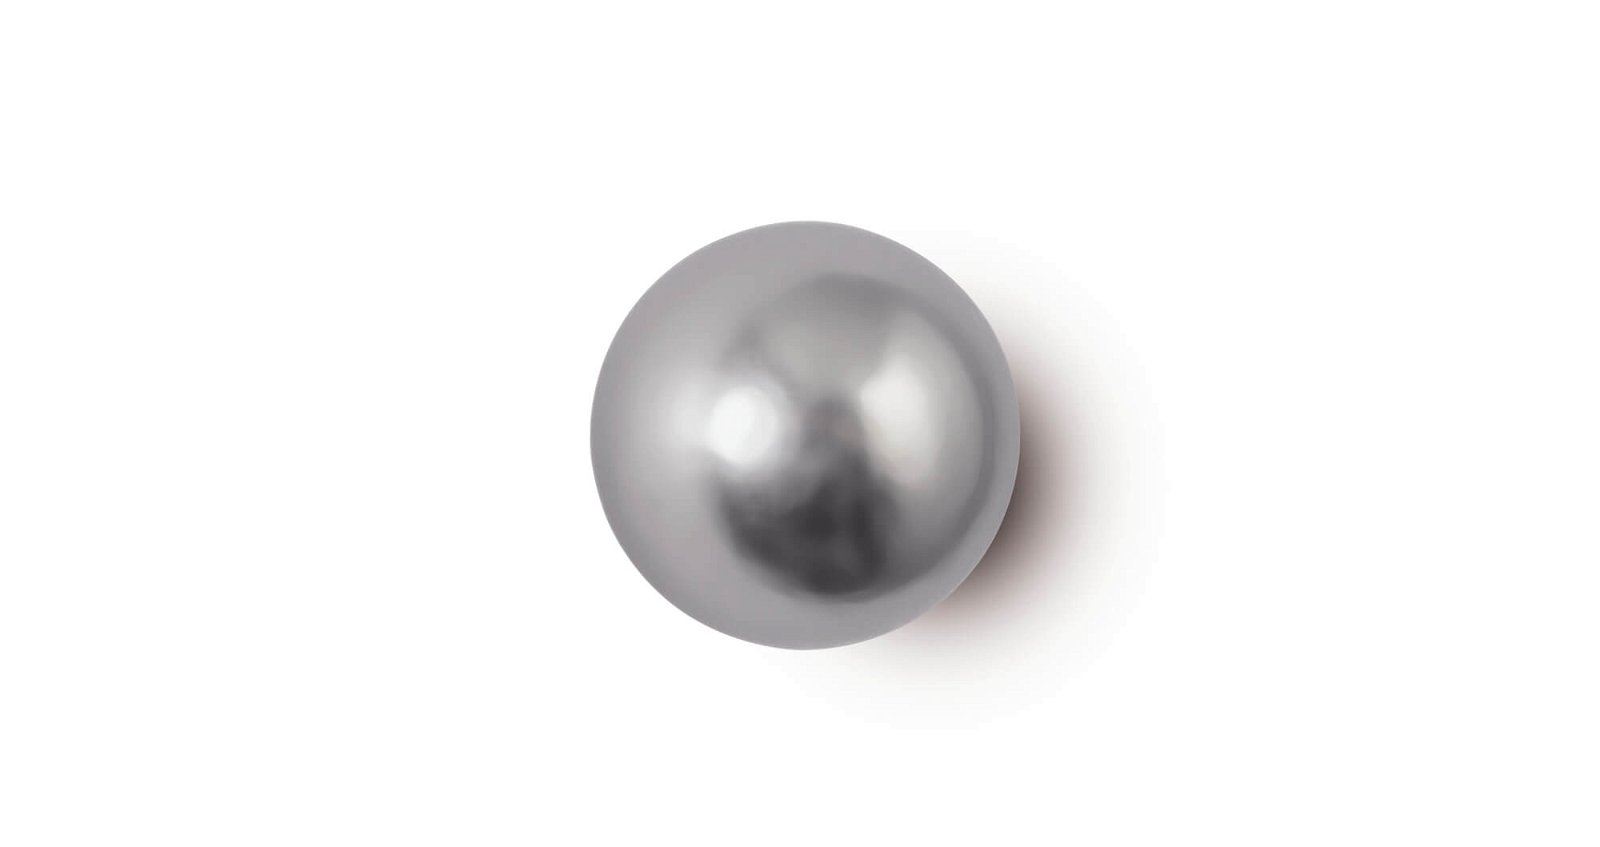 Neodym-Kugelmagnet, Ø 15 mm, 4 kg Haftkraft, 4 St./Set, hellsilber